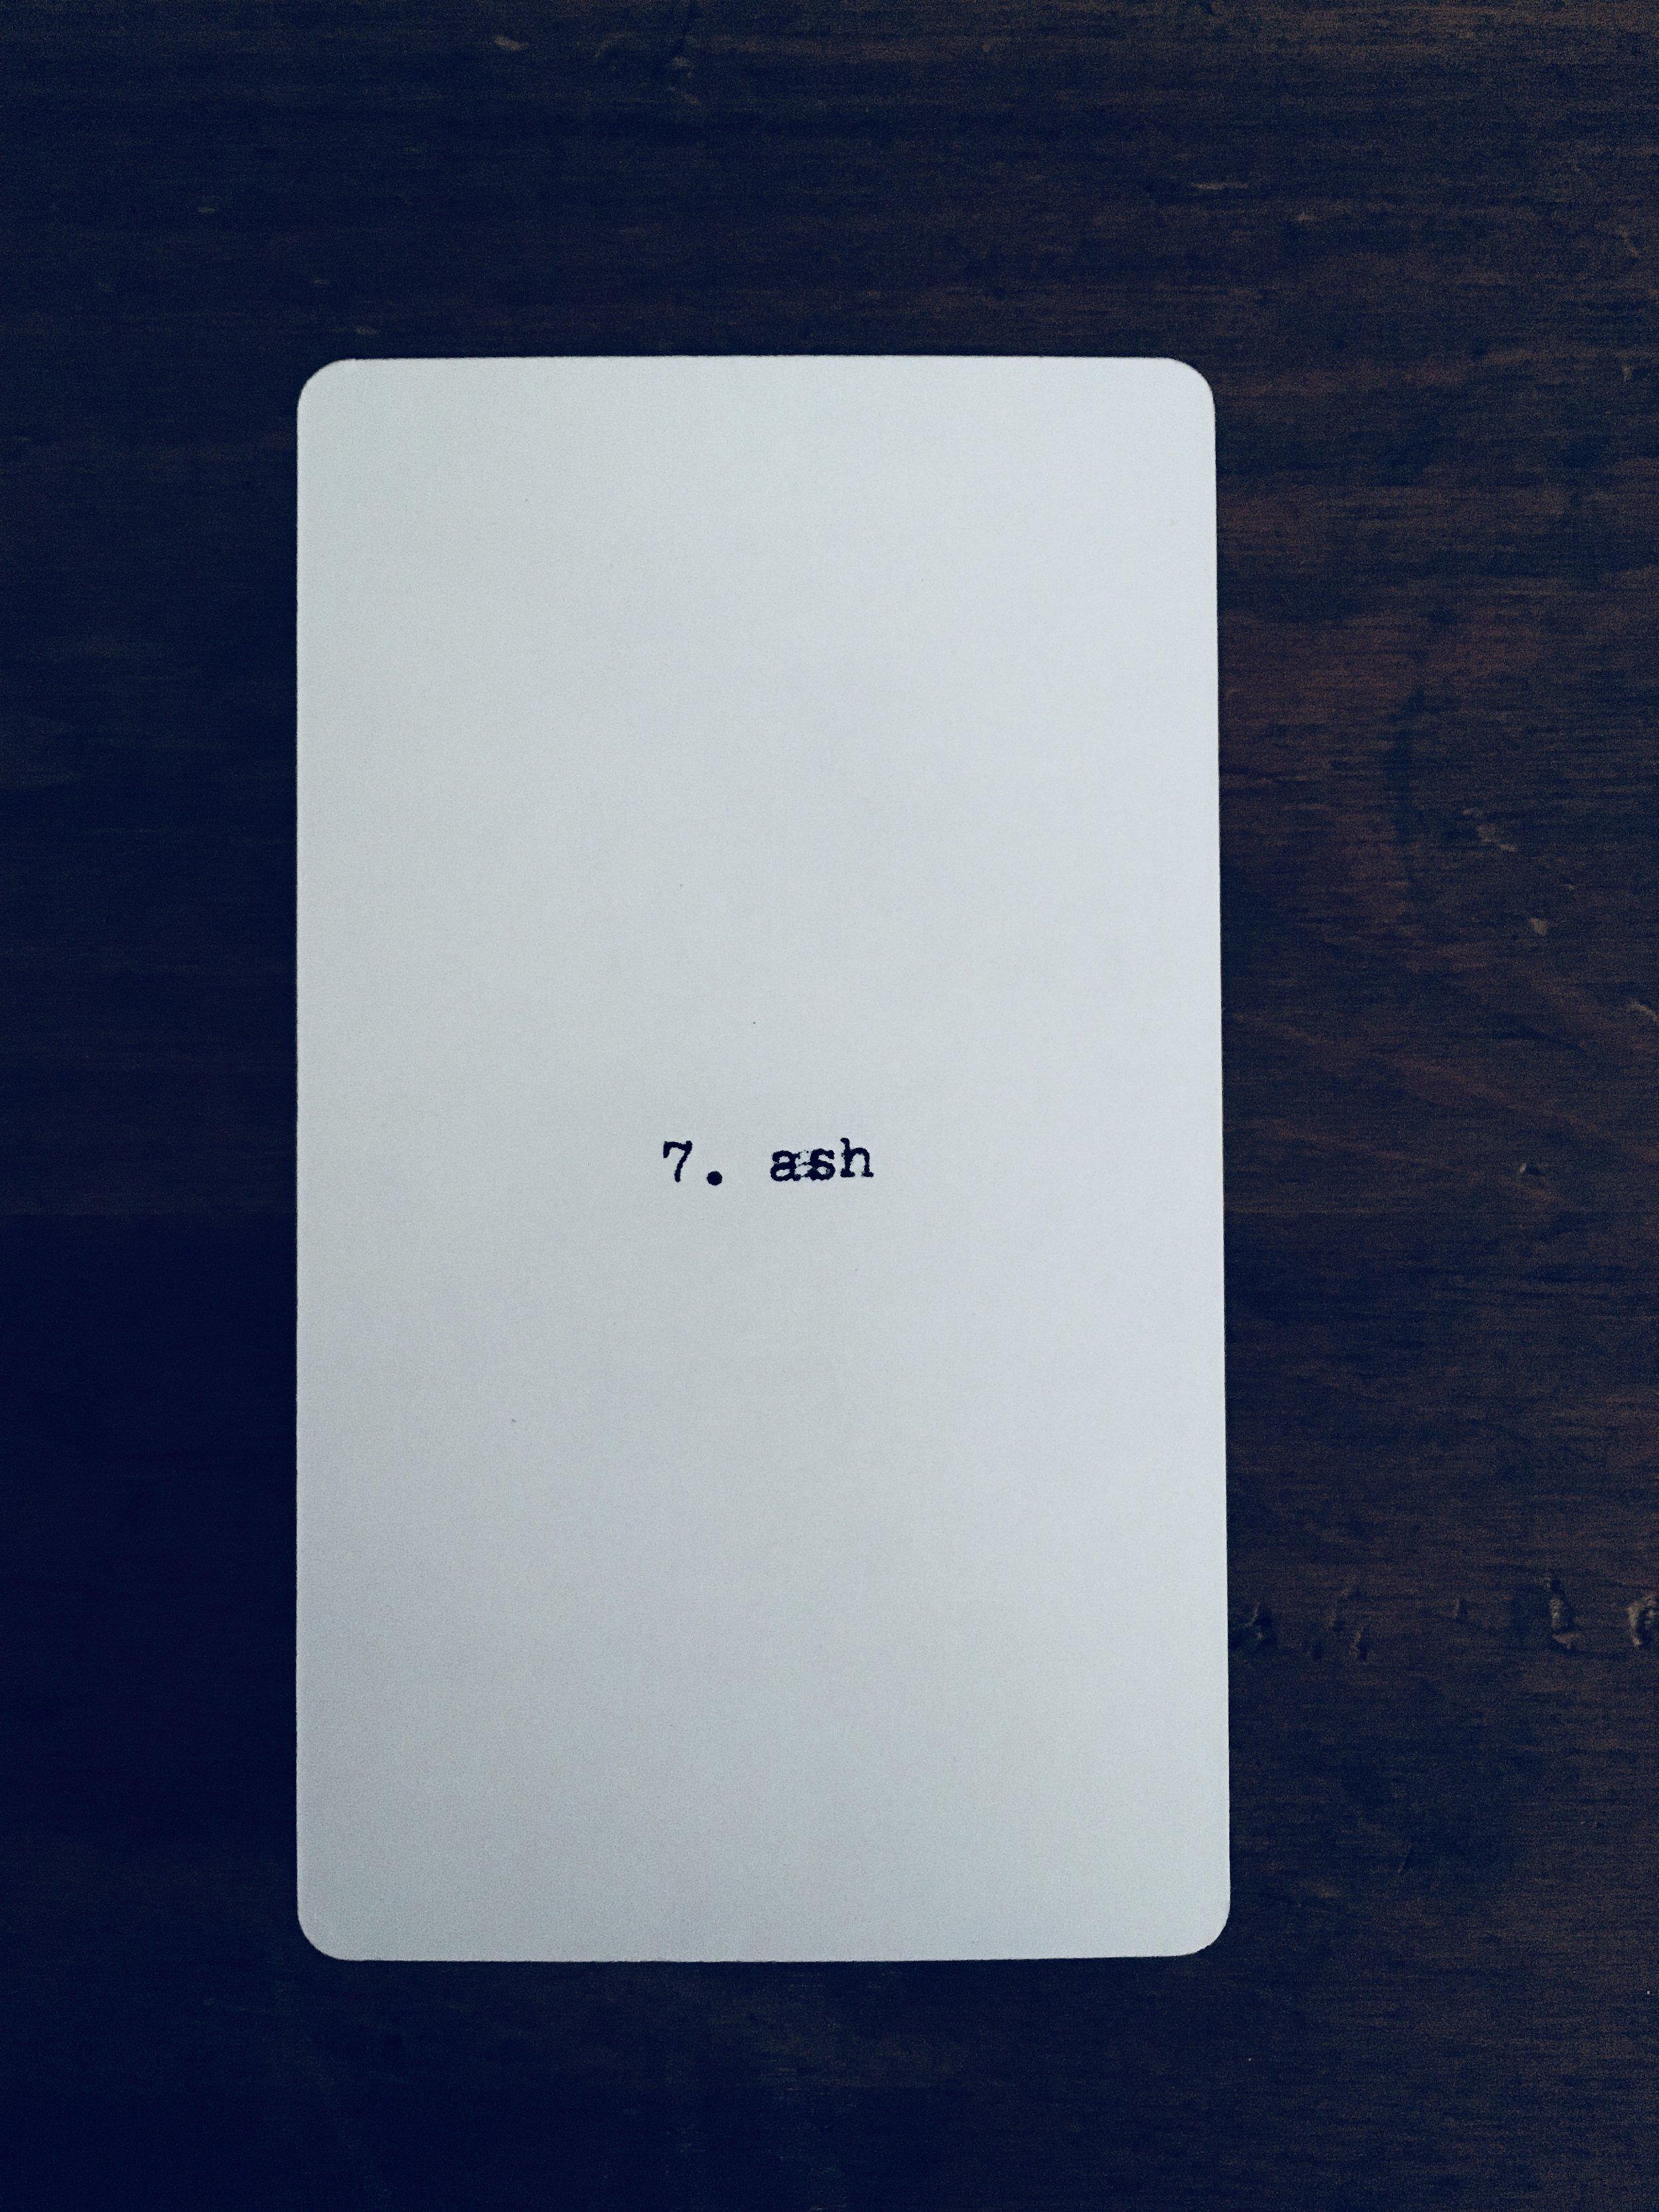 Libra: 7. ash